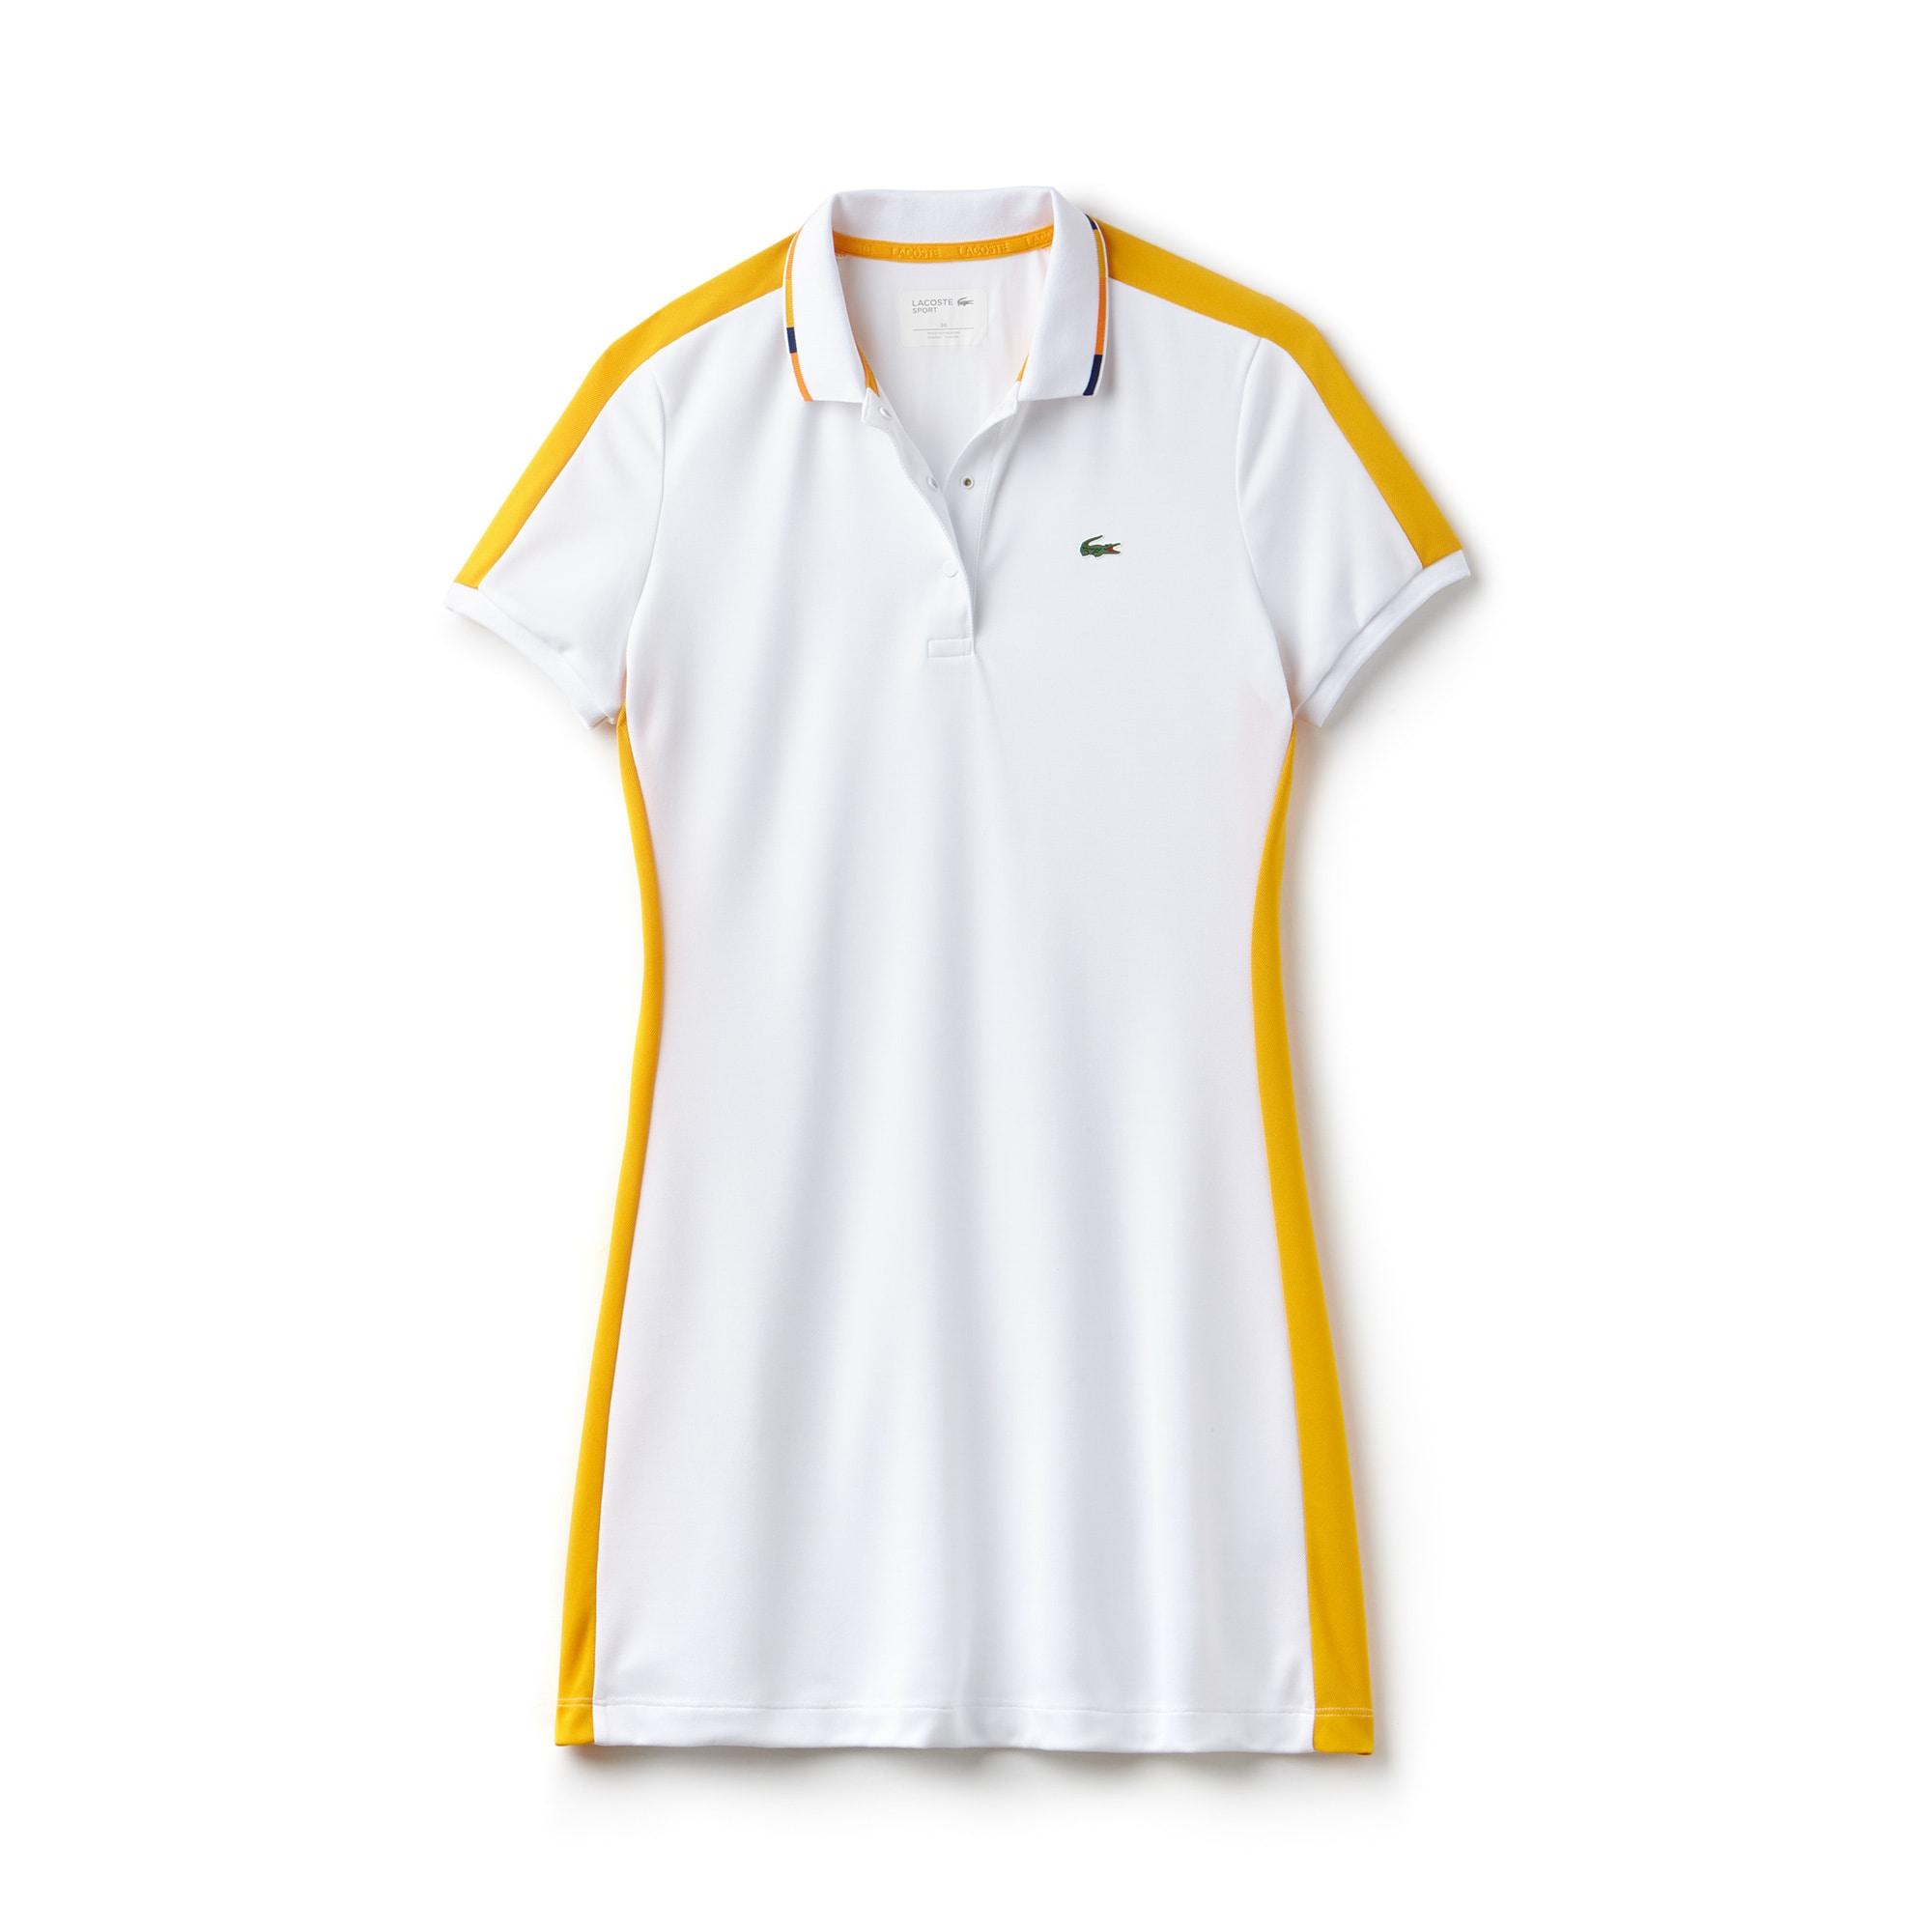 Women's Lacoste SPORT Contrast Bands Tech Piqué Tennis Polo Dress